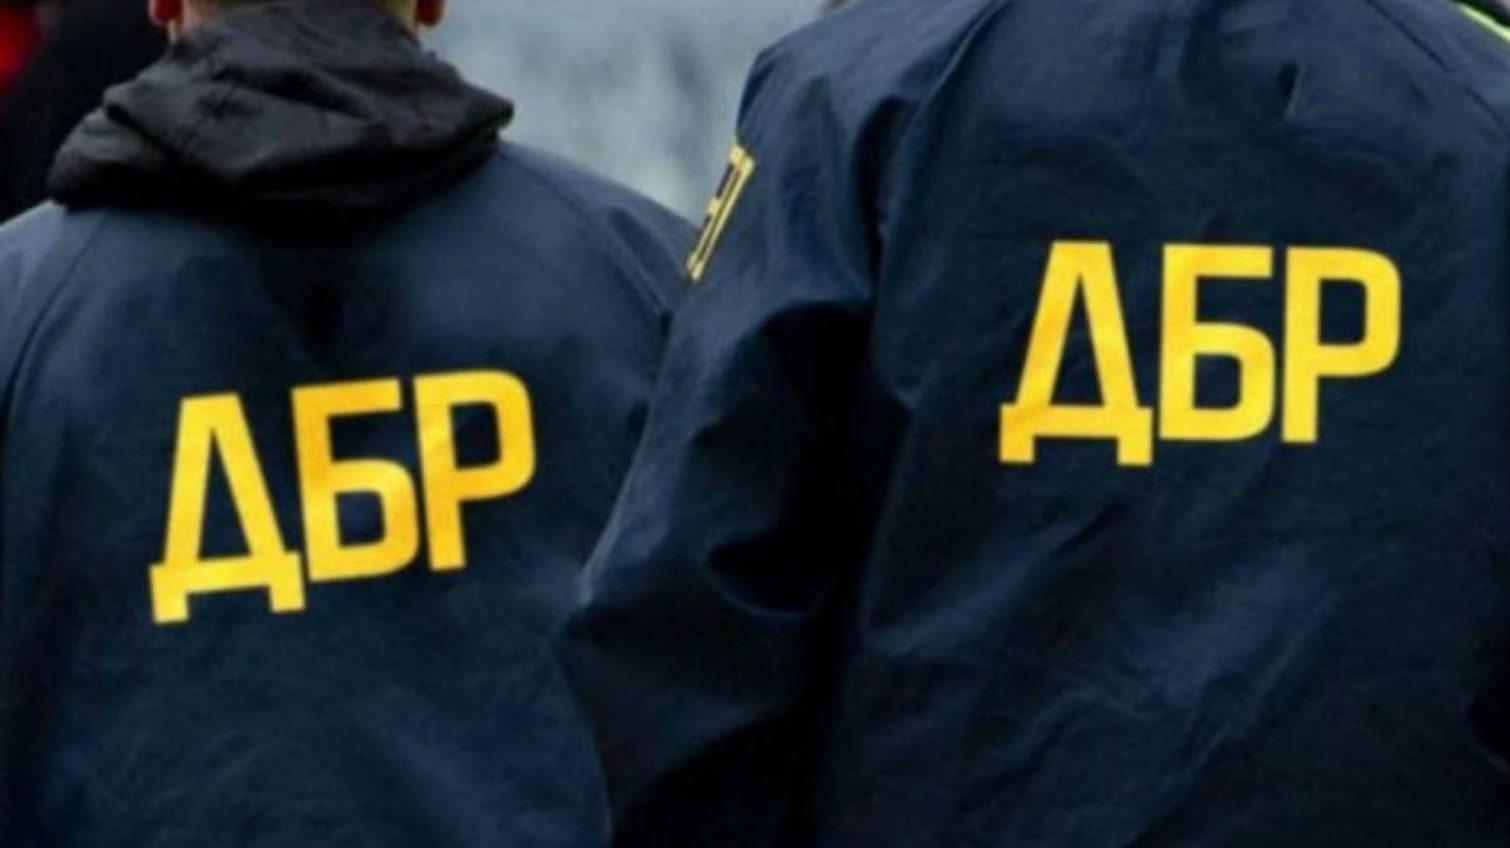 ГБР сообщило о подозрении военному, обвиняемому в краже миллионов при строительстве казарм «фото»